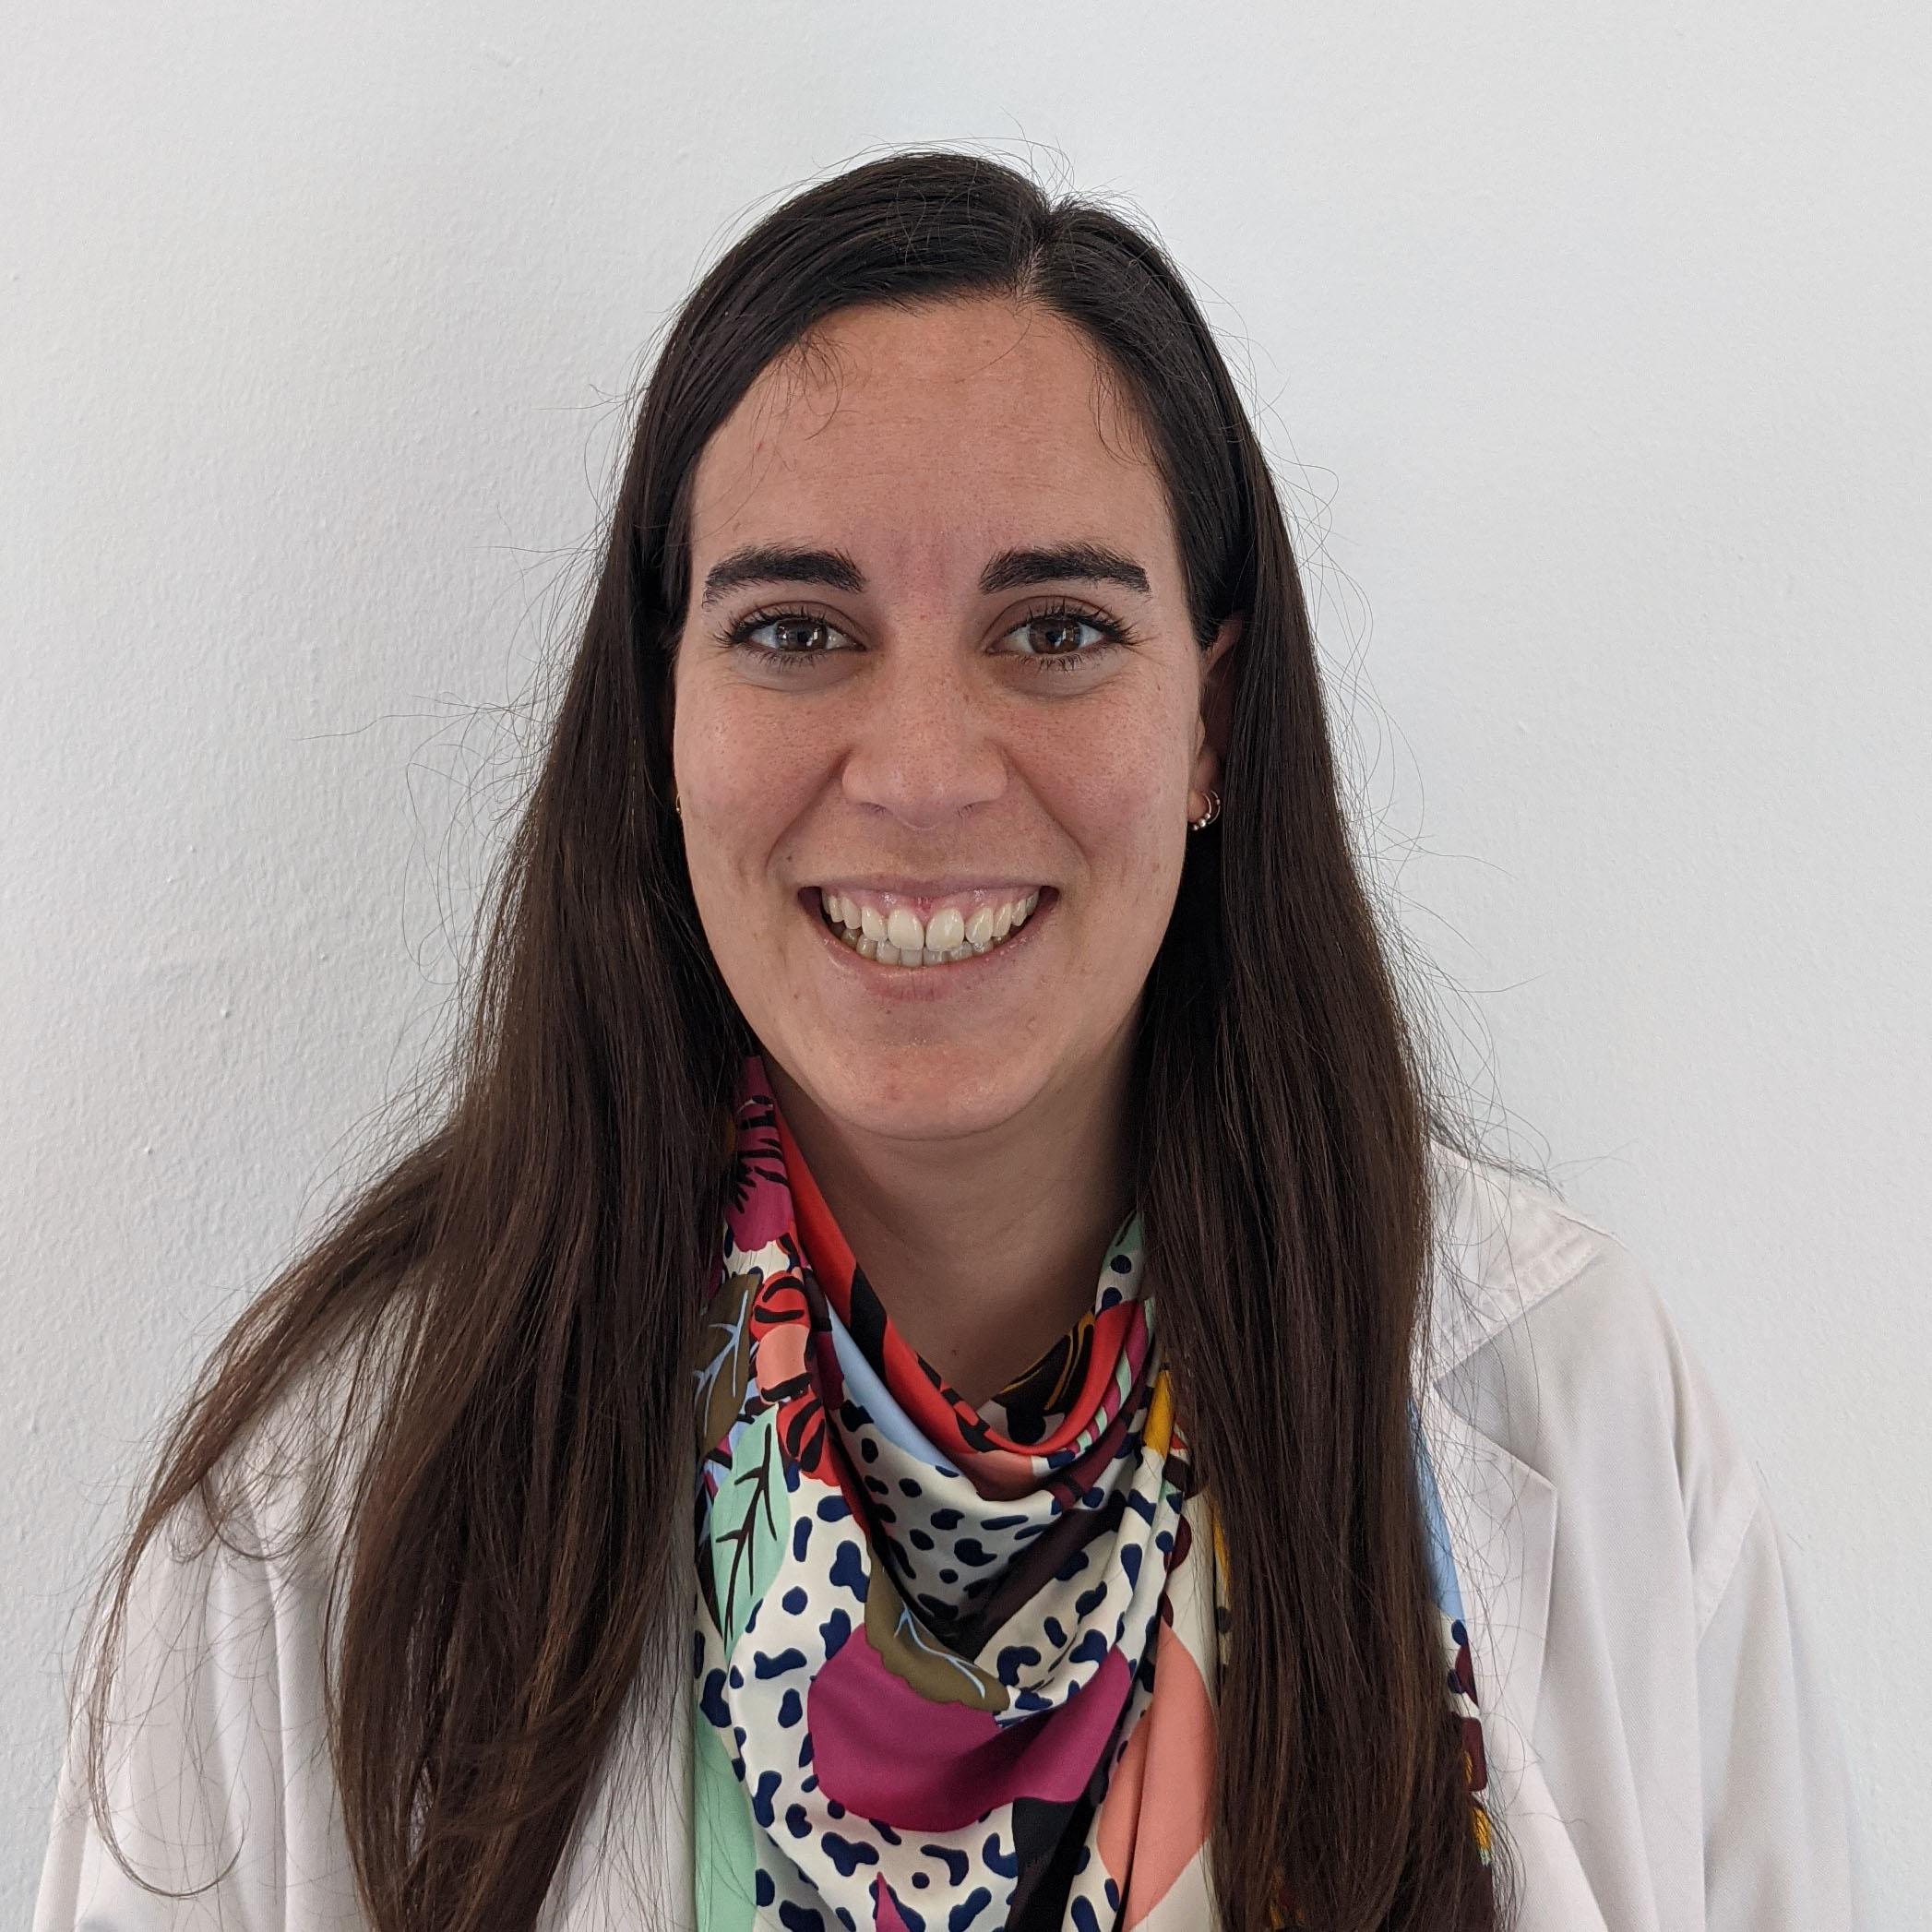 María Aznarte